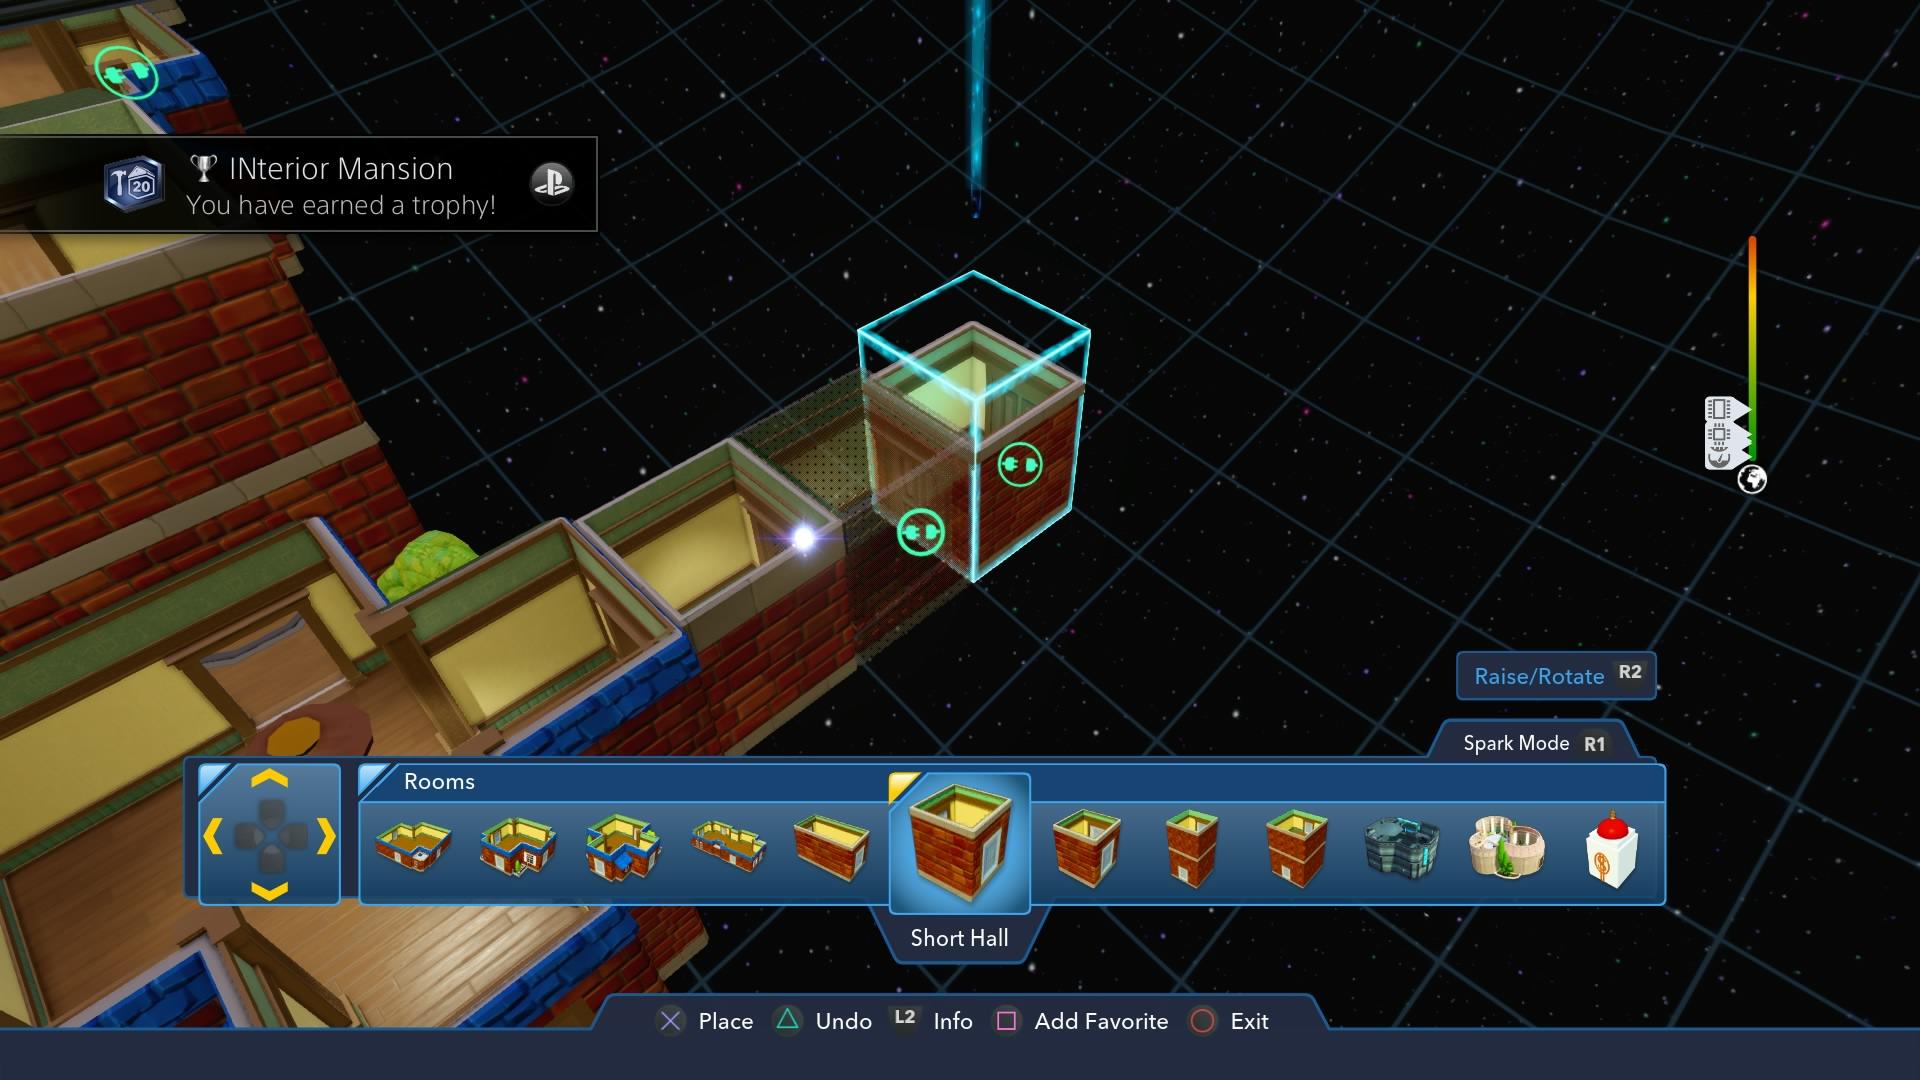 Die Toybox bietet euch einen extrem umfangreichen Editor für eigene Level und Spielmodi.